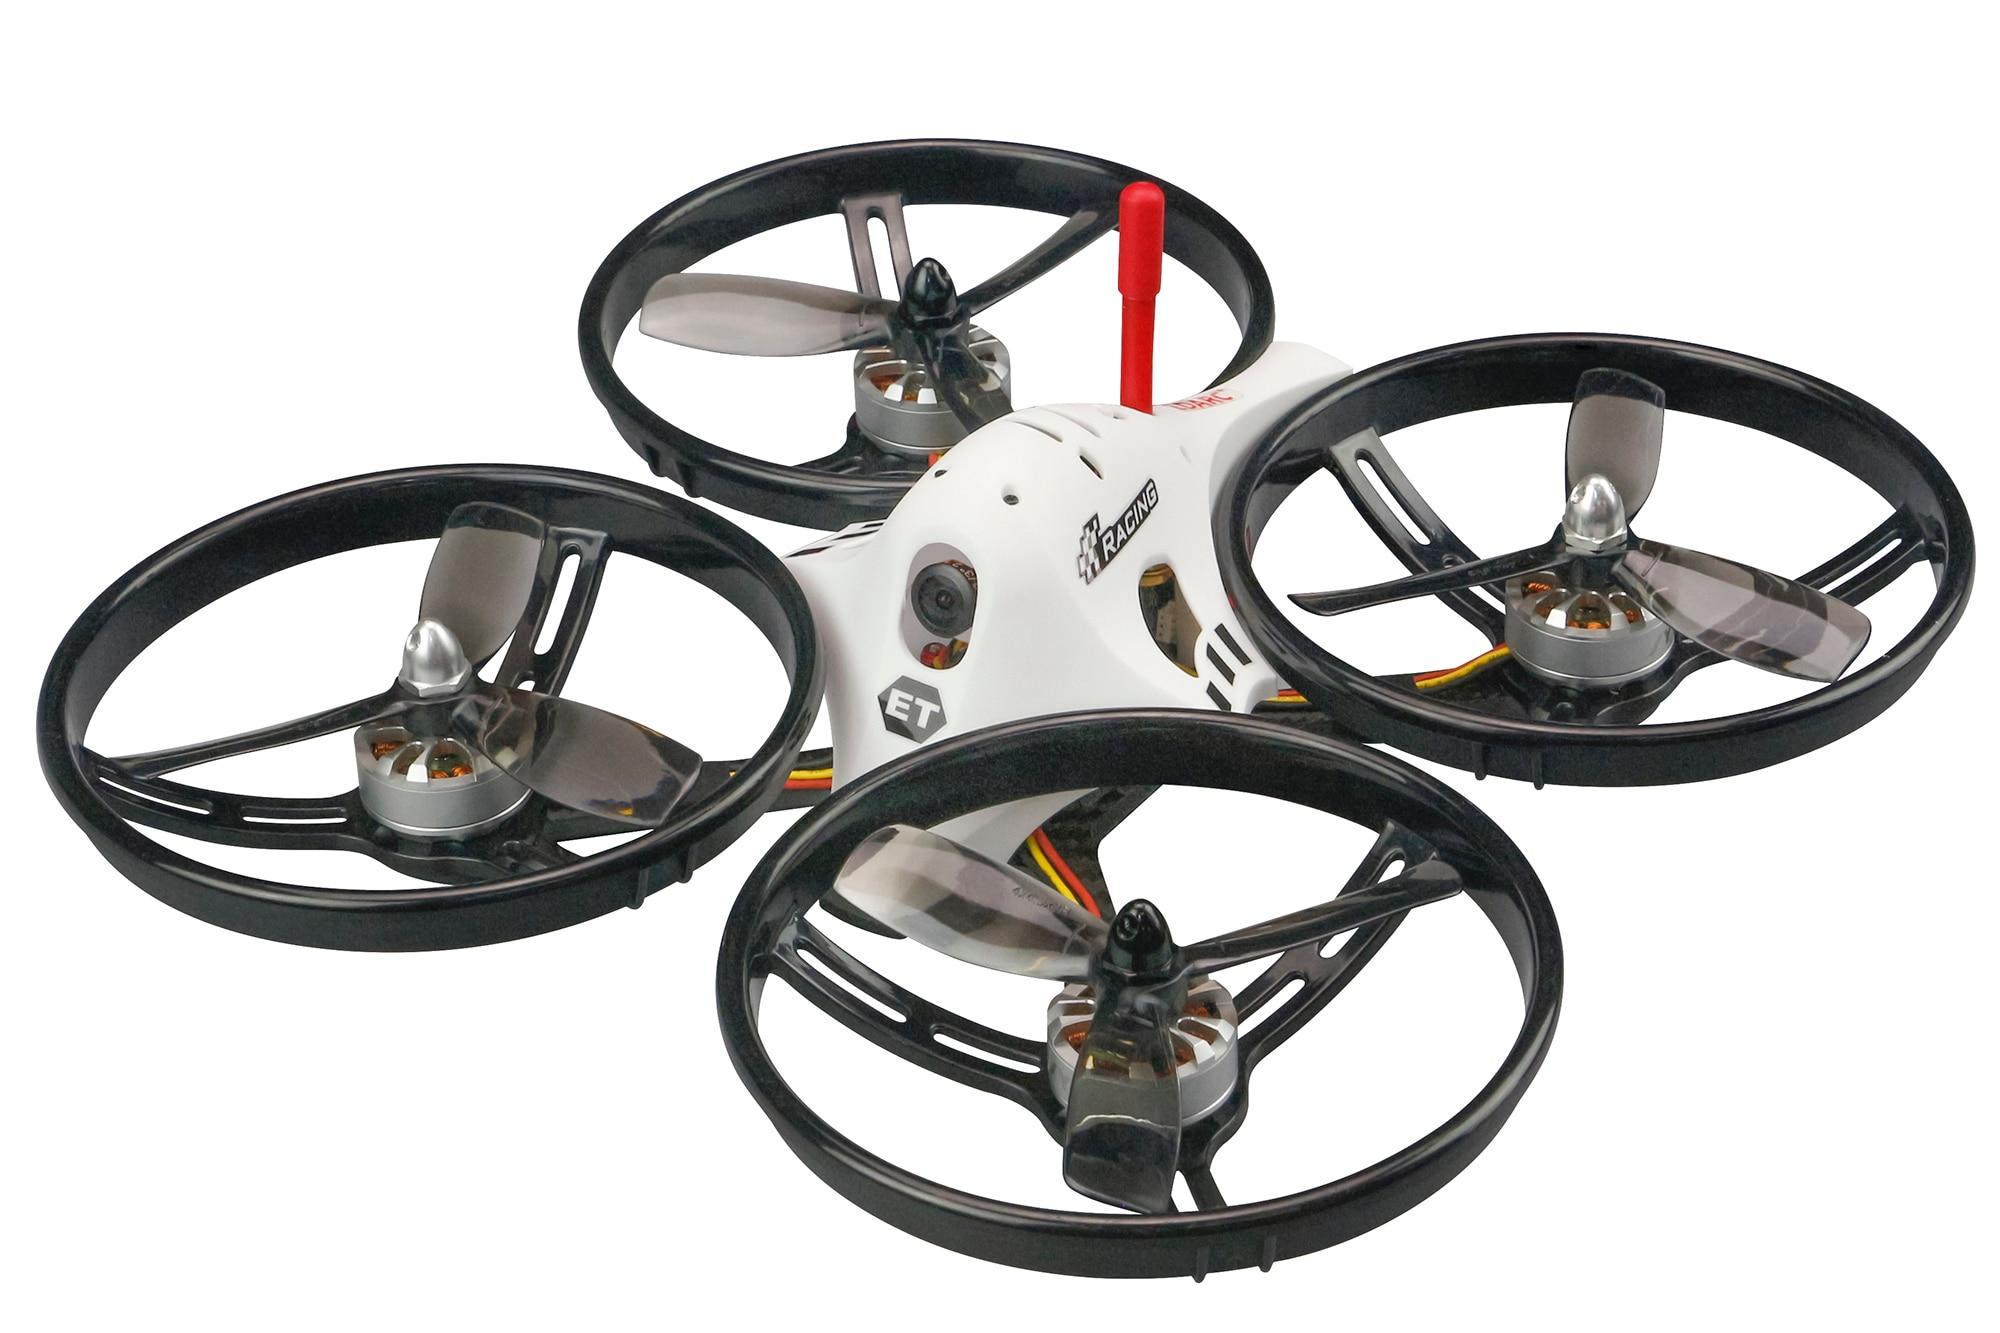 LDARC ET MAX PNP KK tower 20a F4 OSD flight controller 1200tvl camera mini quadcopter drone